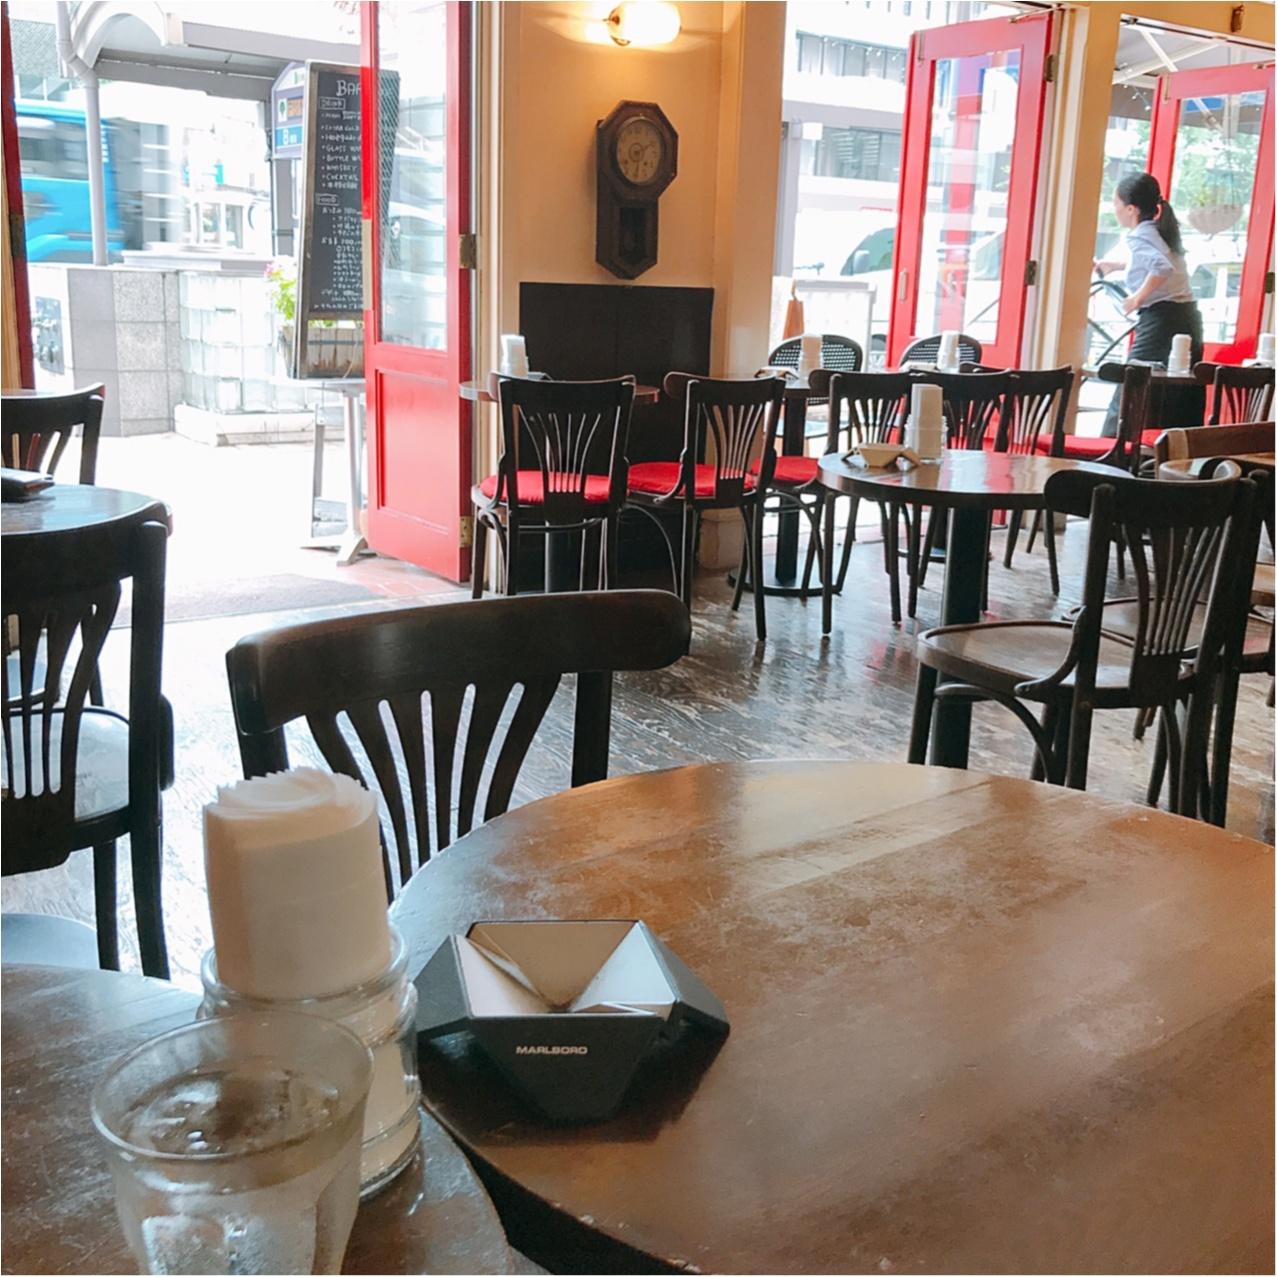 銀座のおしゃカフェでラーメン!?【Pour cafe】のトマトラーメンが絶品♡_2